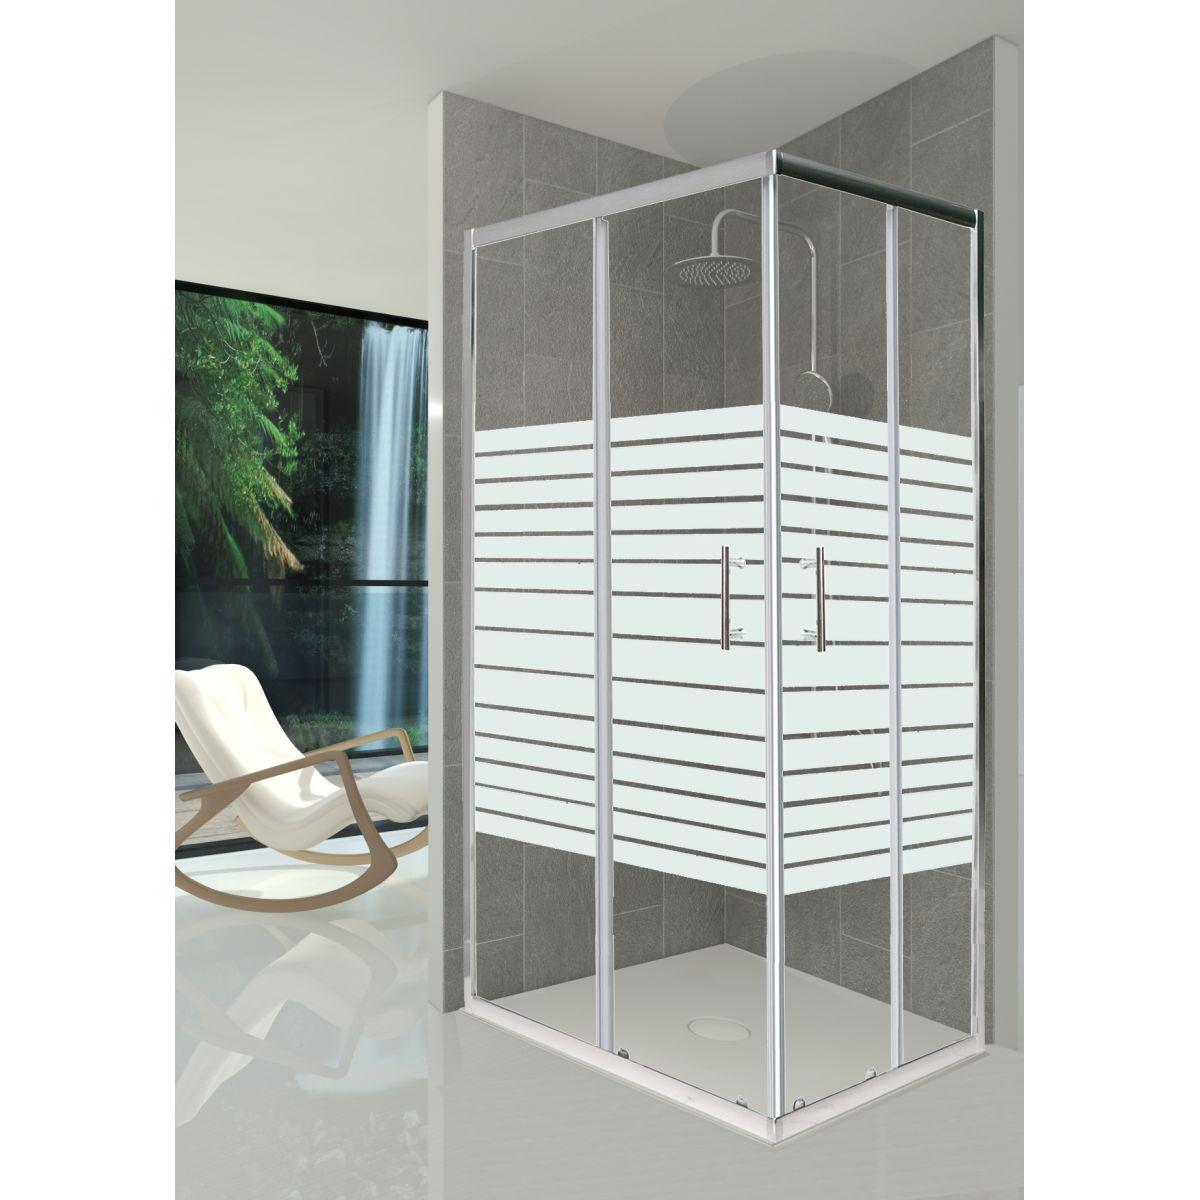 Box doccia leroy merlin prezzi da bagno accessori per bagni unico set accessori bagno tft cod c - Cabine doccia prezzi leroy merlin ...